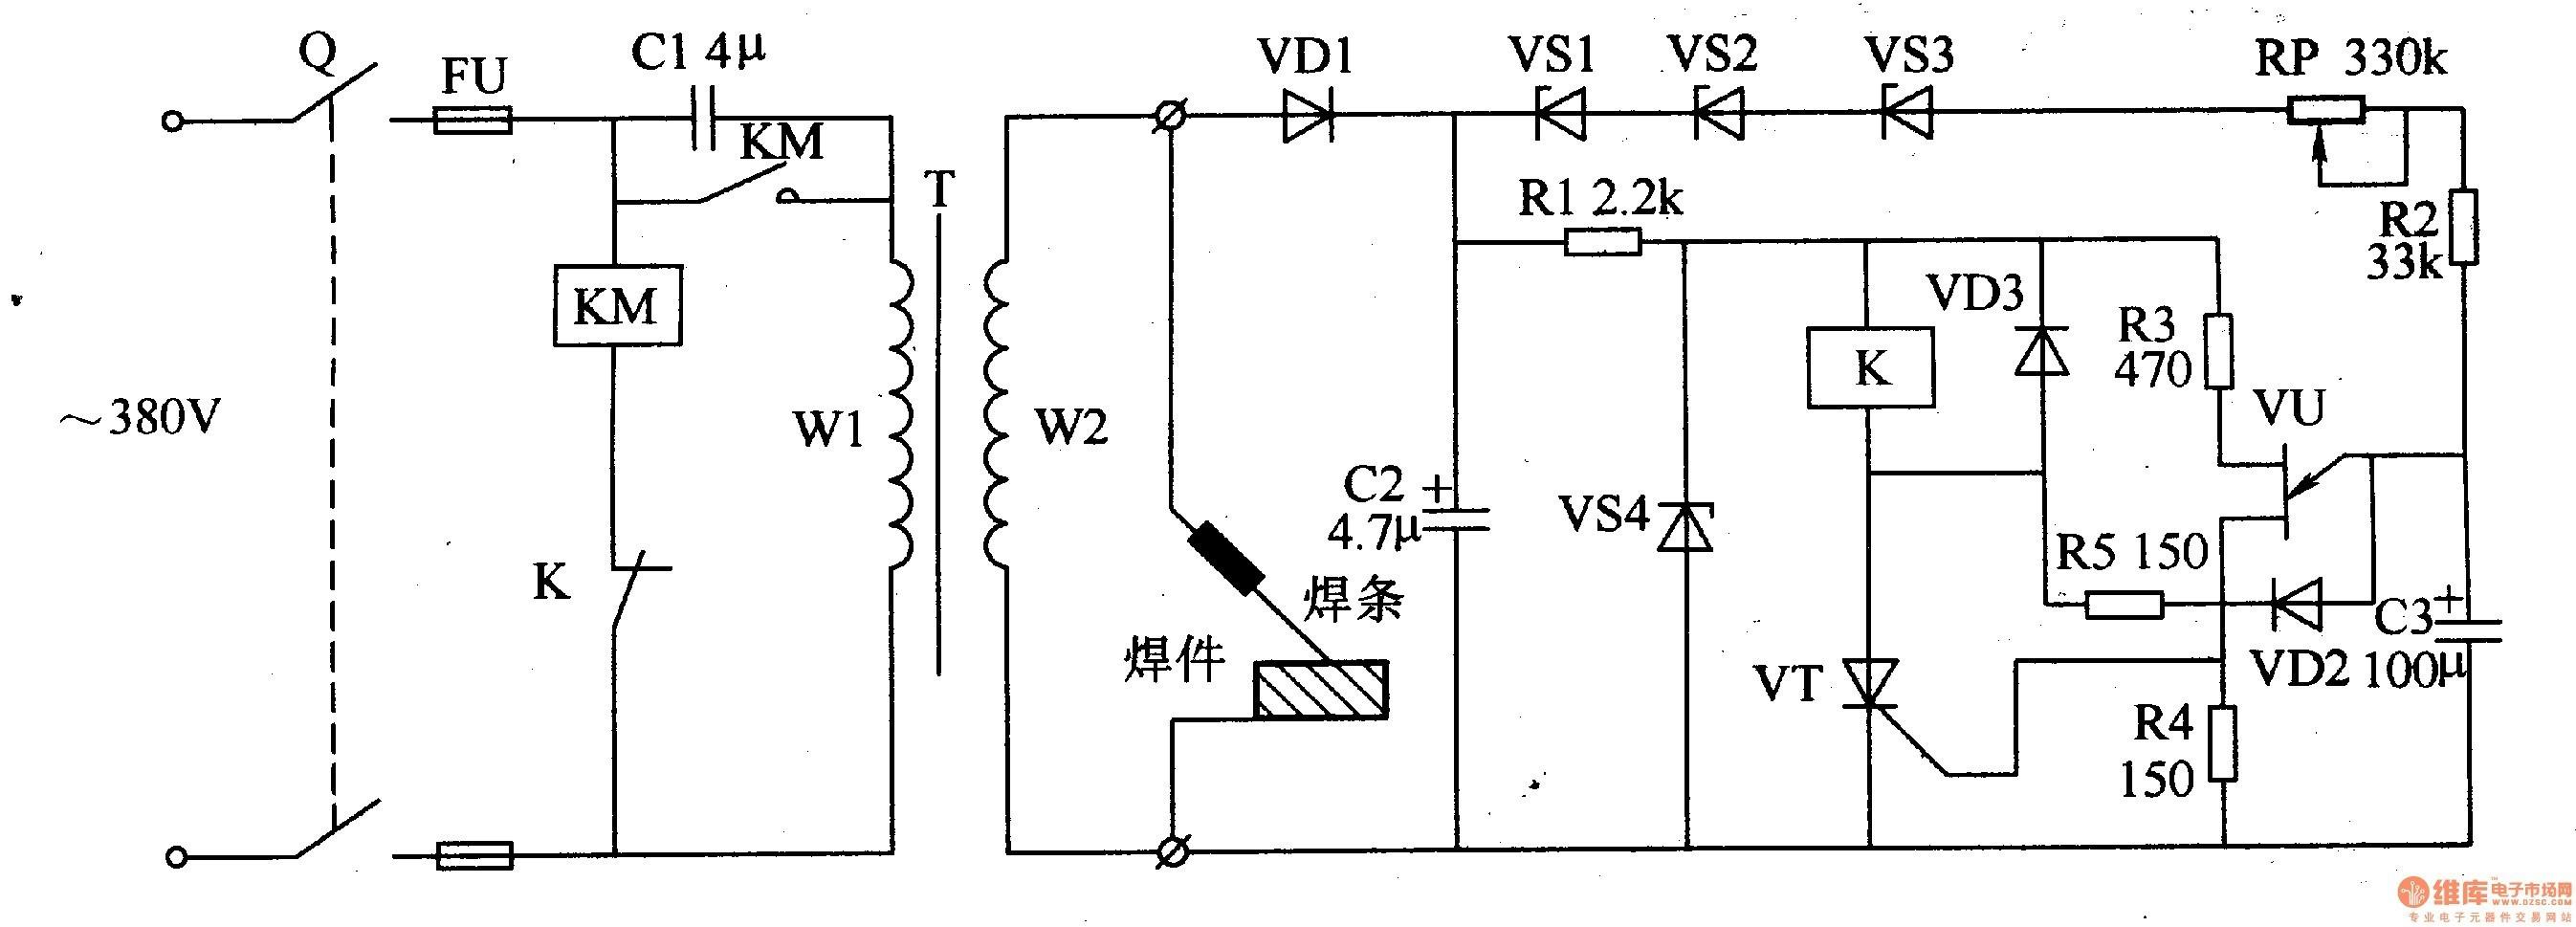 raymond wiring diagram wiring diagram basic raymond wiring diagram wiring diagrams konsultraymond wiring diagram wiring diagram week raymond wiring diagram